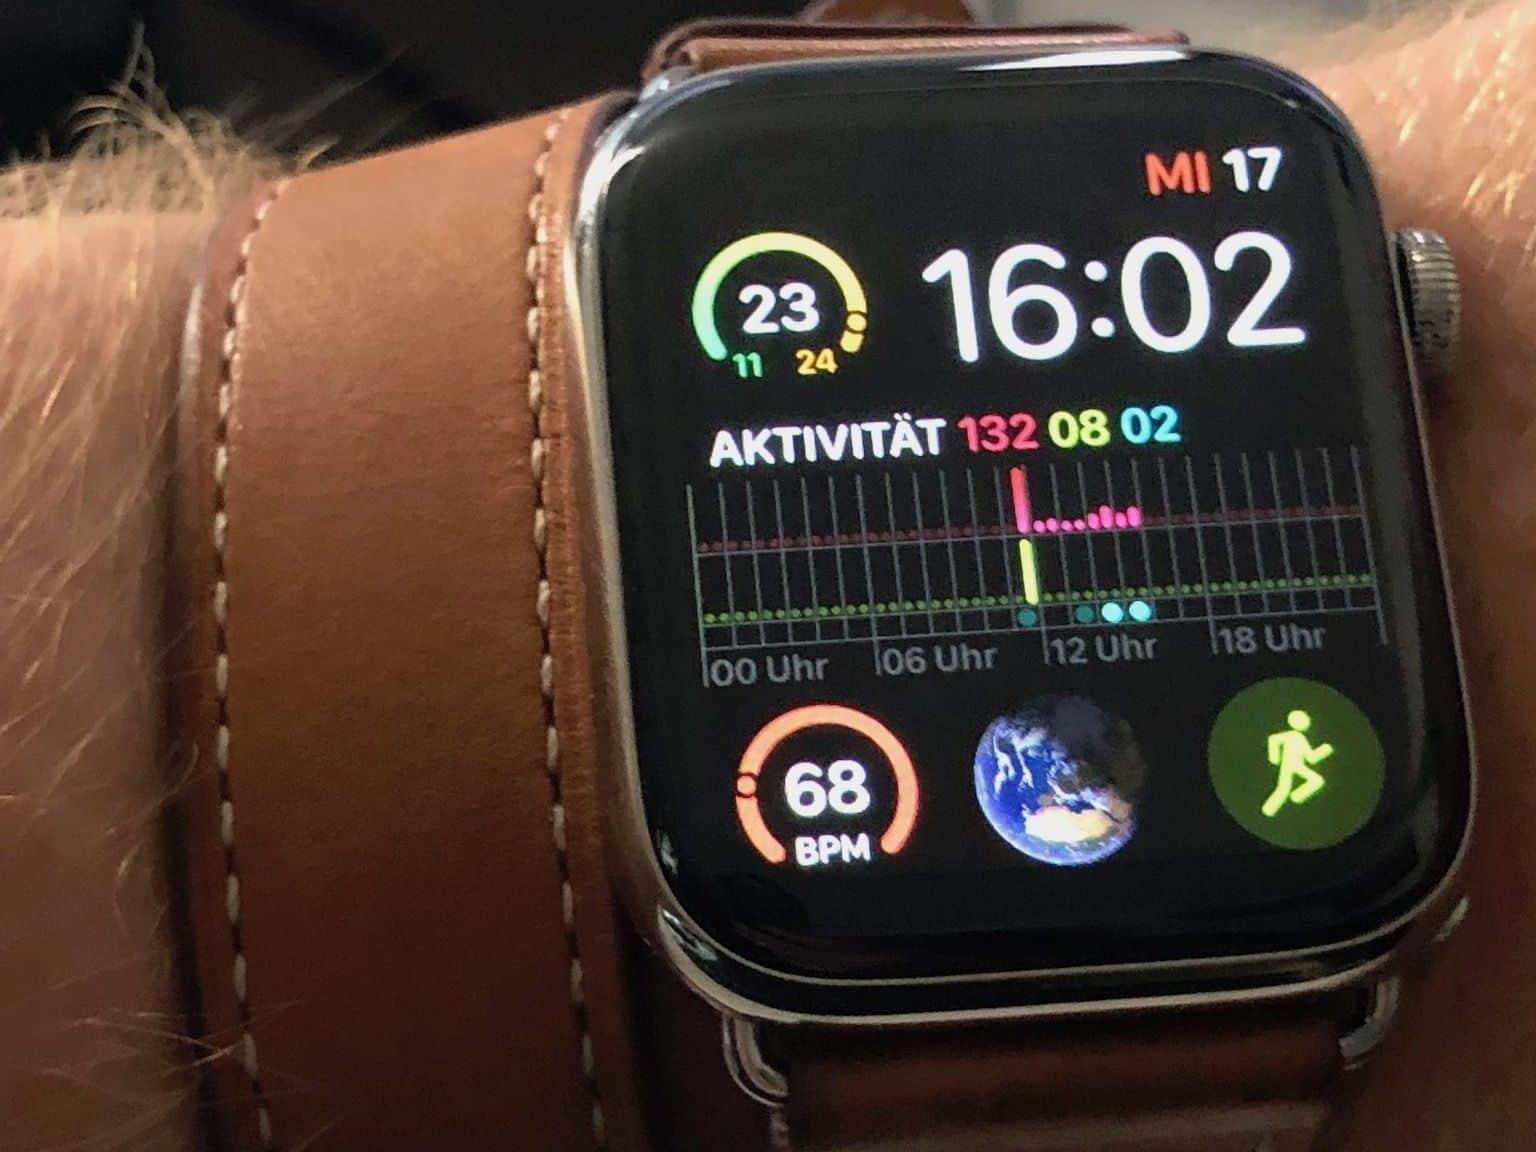 Wir haben die Apple Watch auf Herz und Nieren getestet. Foto: Sascha Tegtmeyer